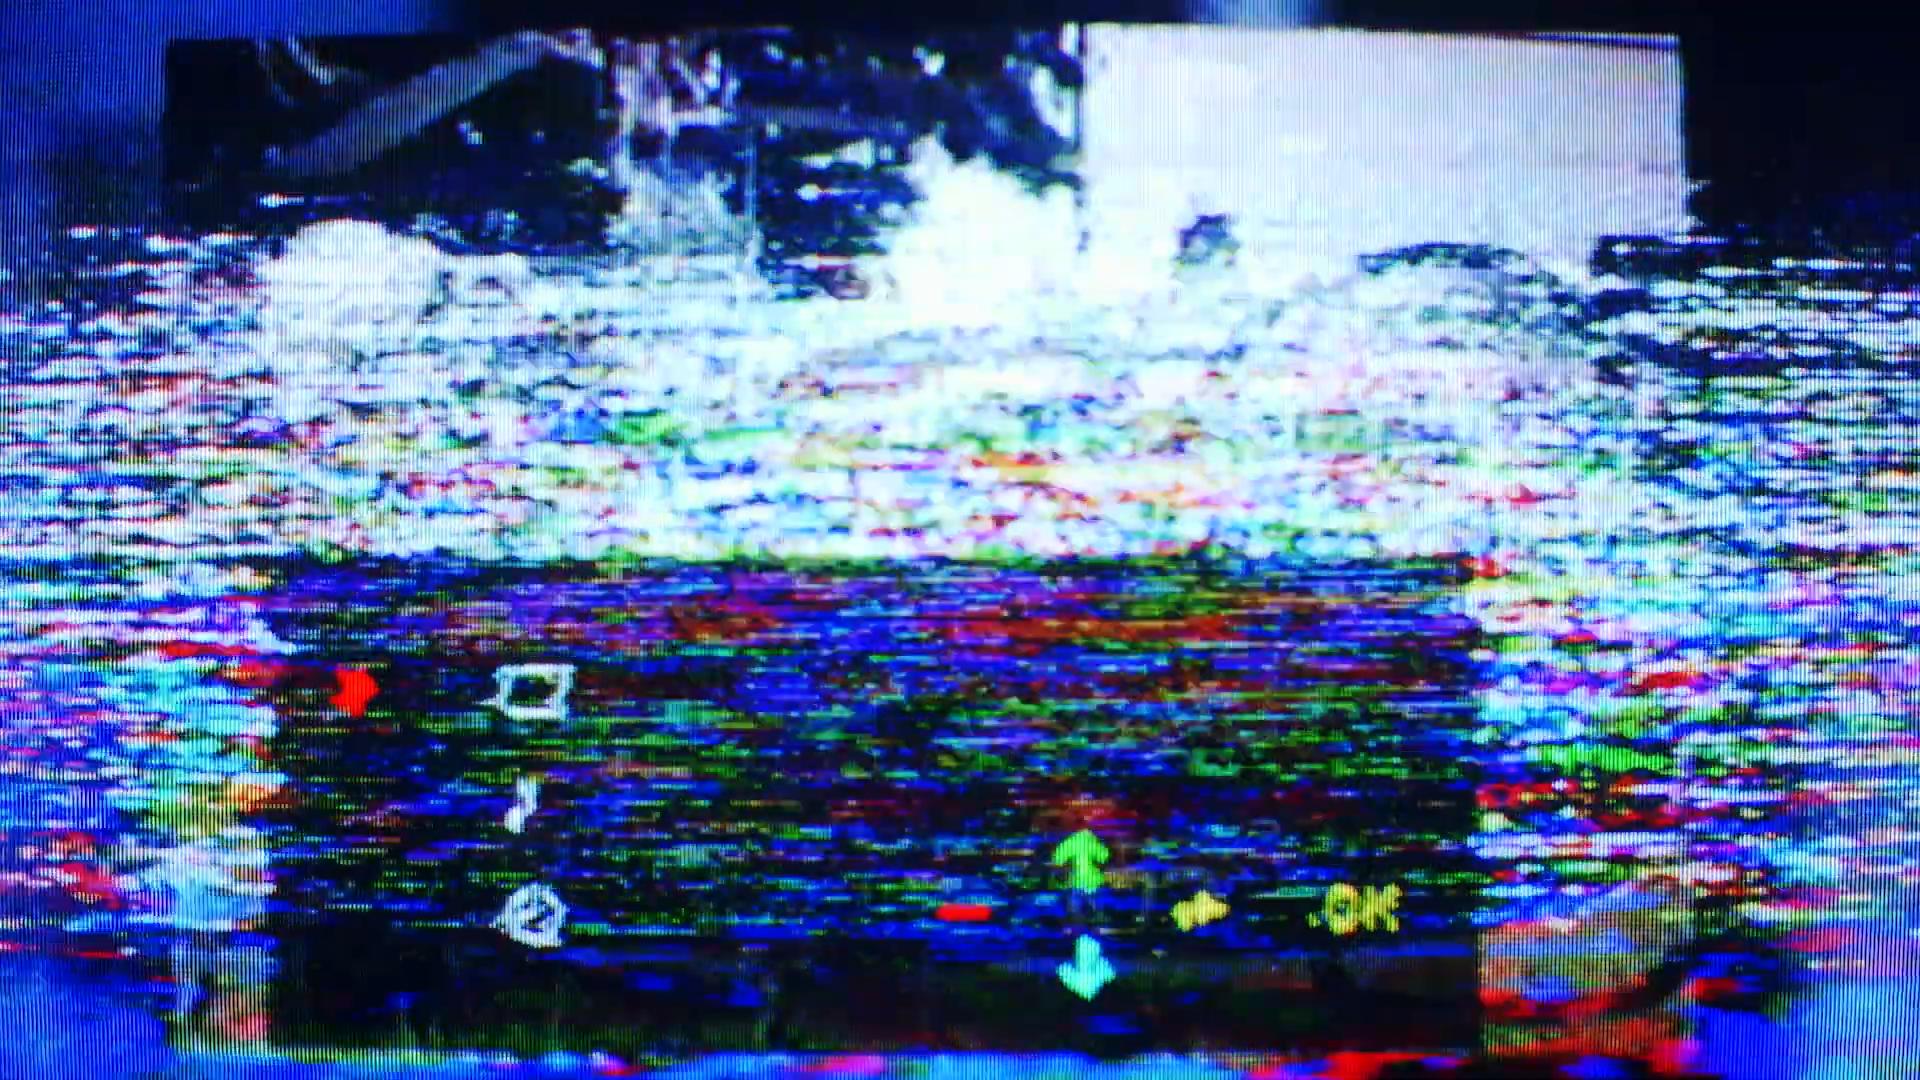 复古VHS纹理纹理故障过渡高质量4K电视元素叠加视频素材 AUTHENTIC PIXELS(4185)插图(4)